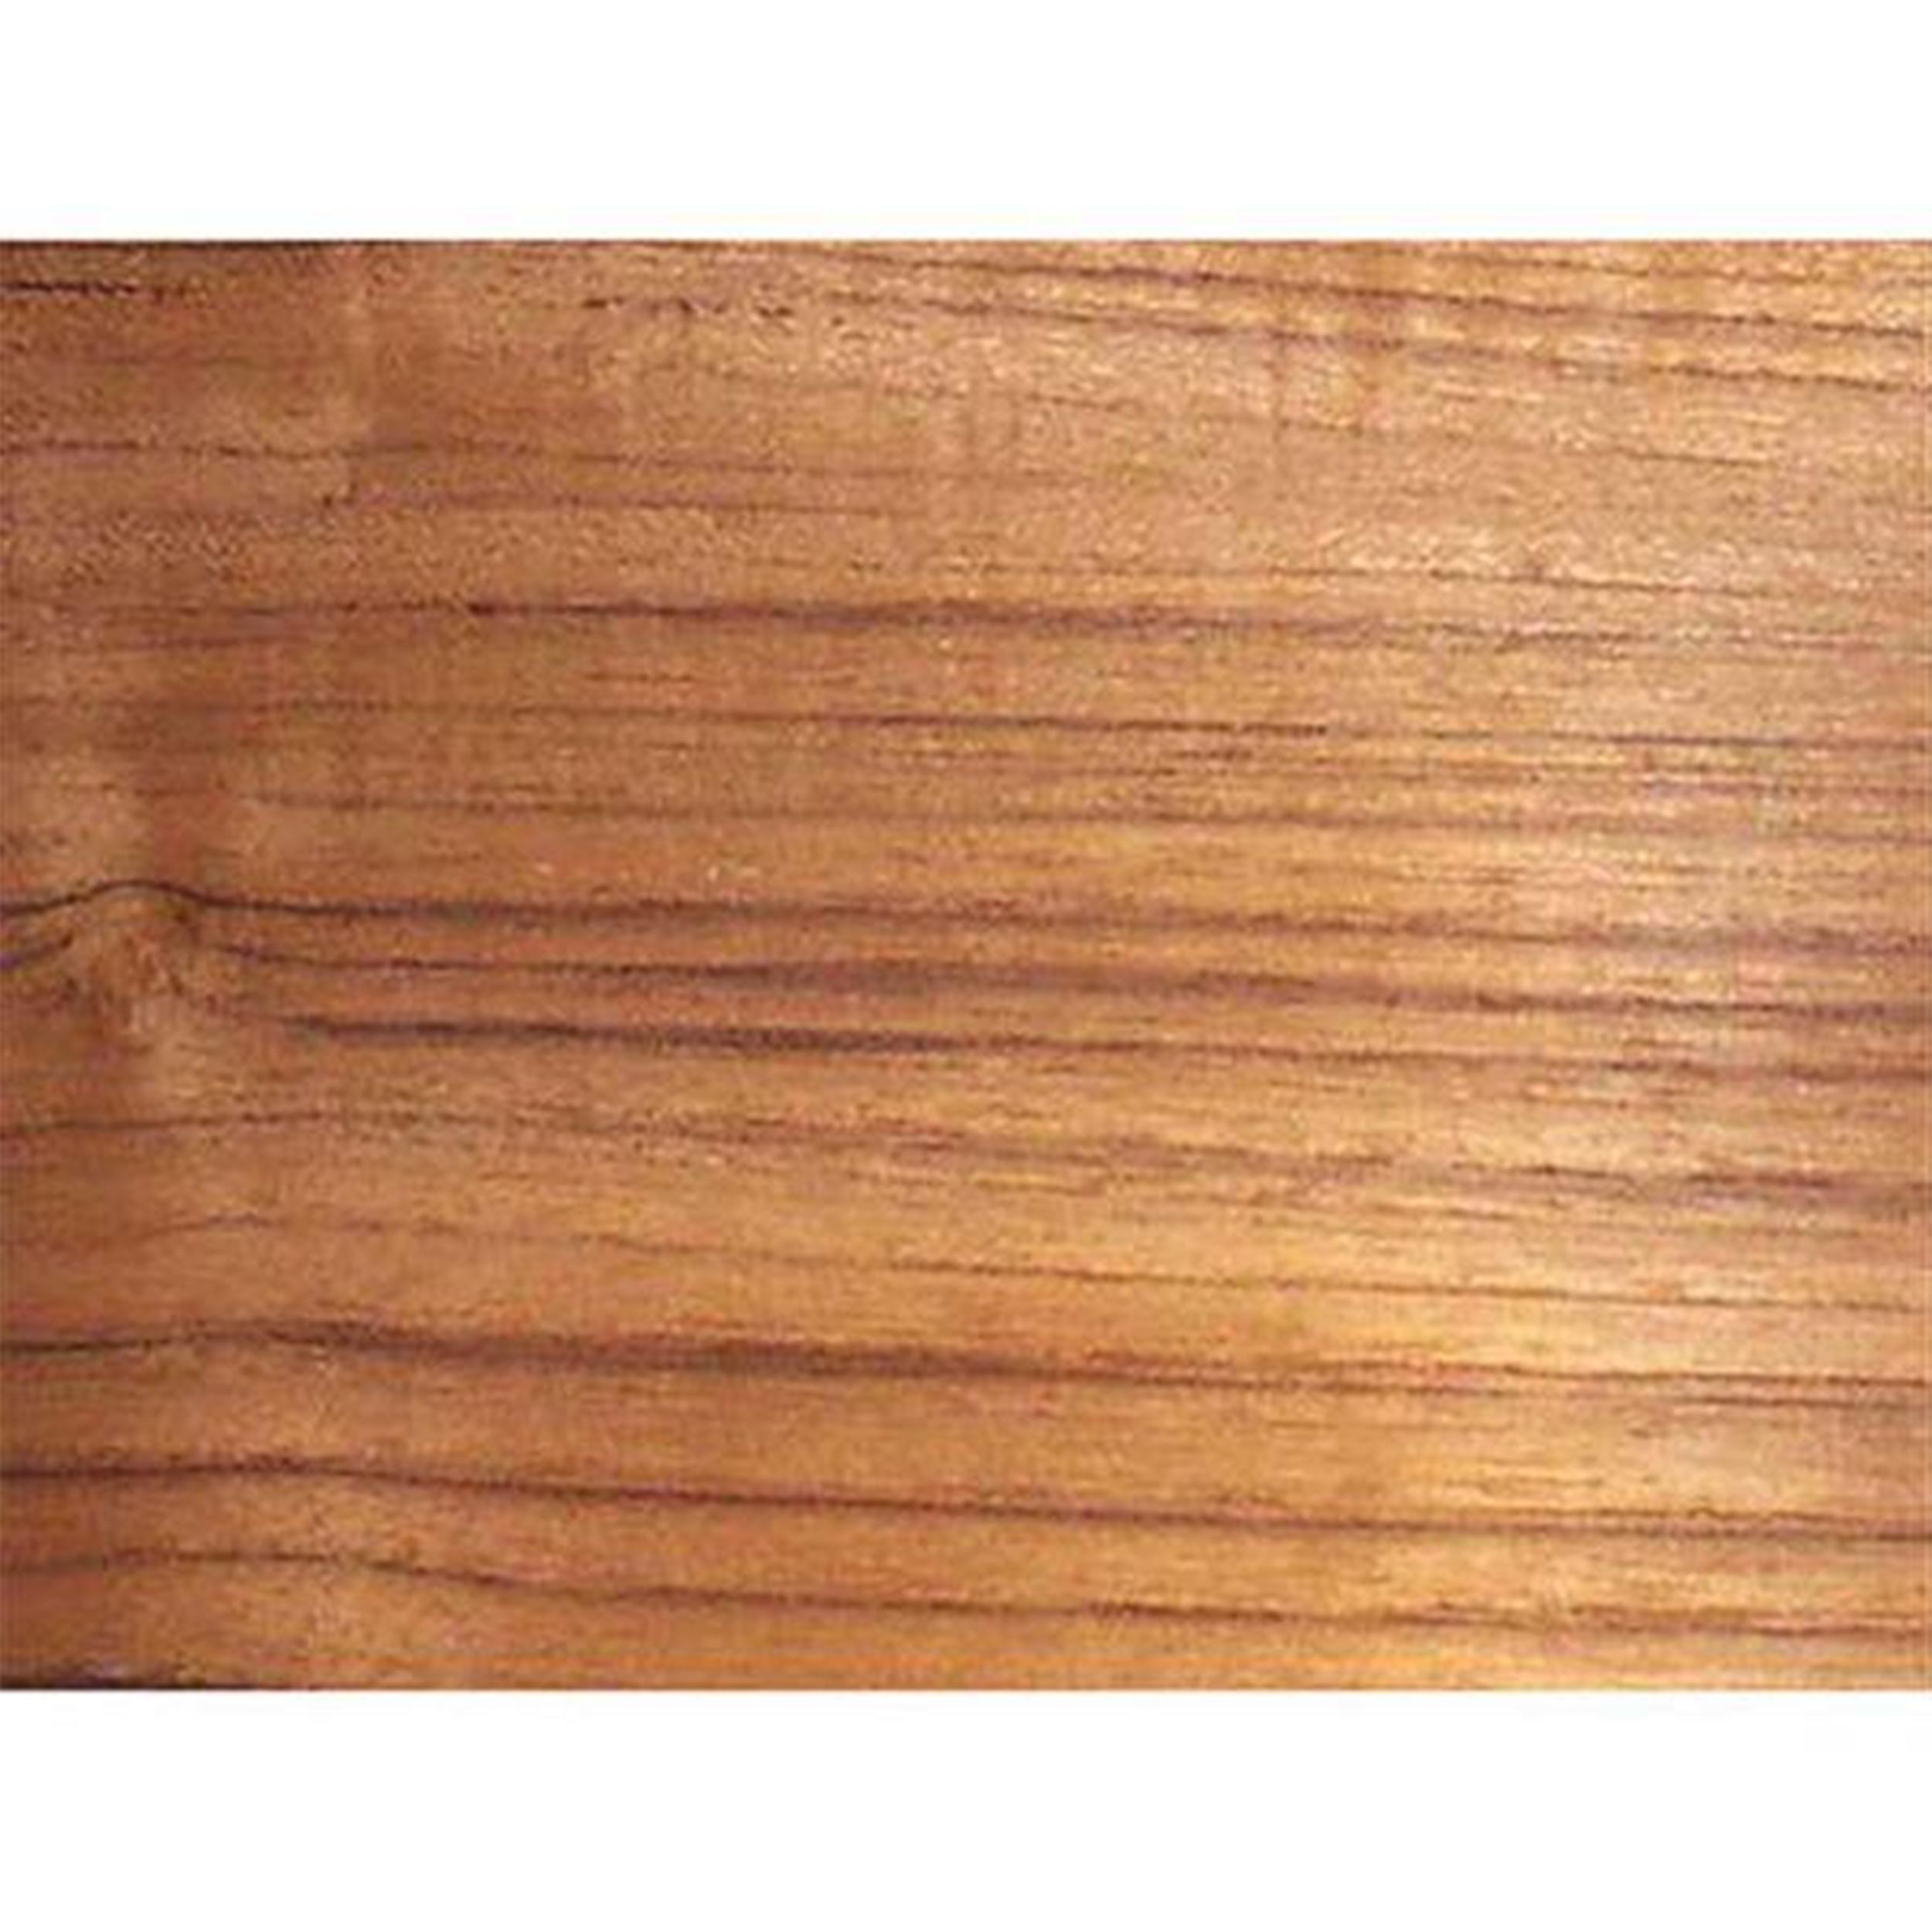 Teak 2' x 8' 10mil Paperbacked Wood Veneer